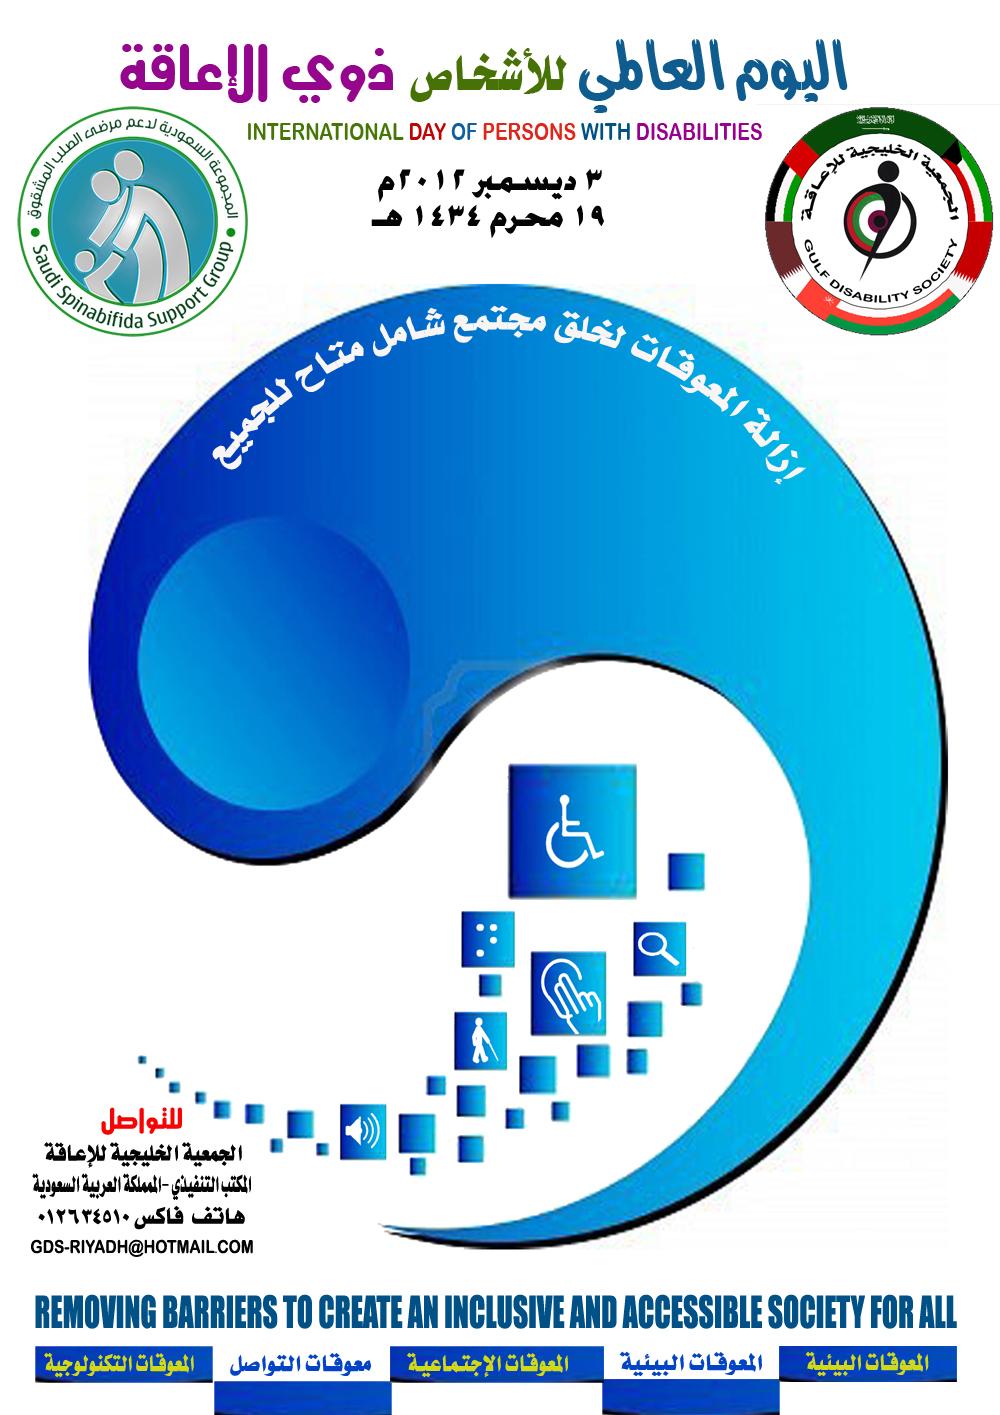 اليوم العالمي للأشخاص الإعاقة 2012